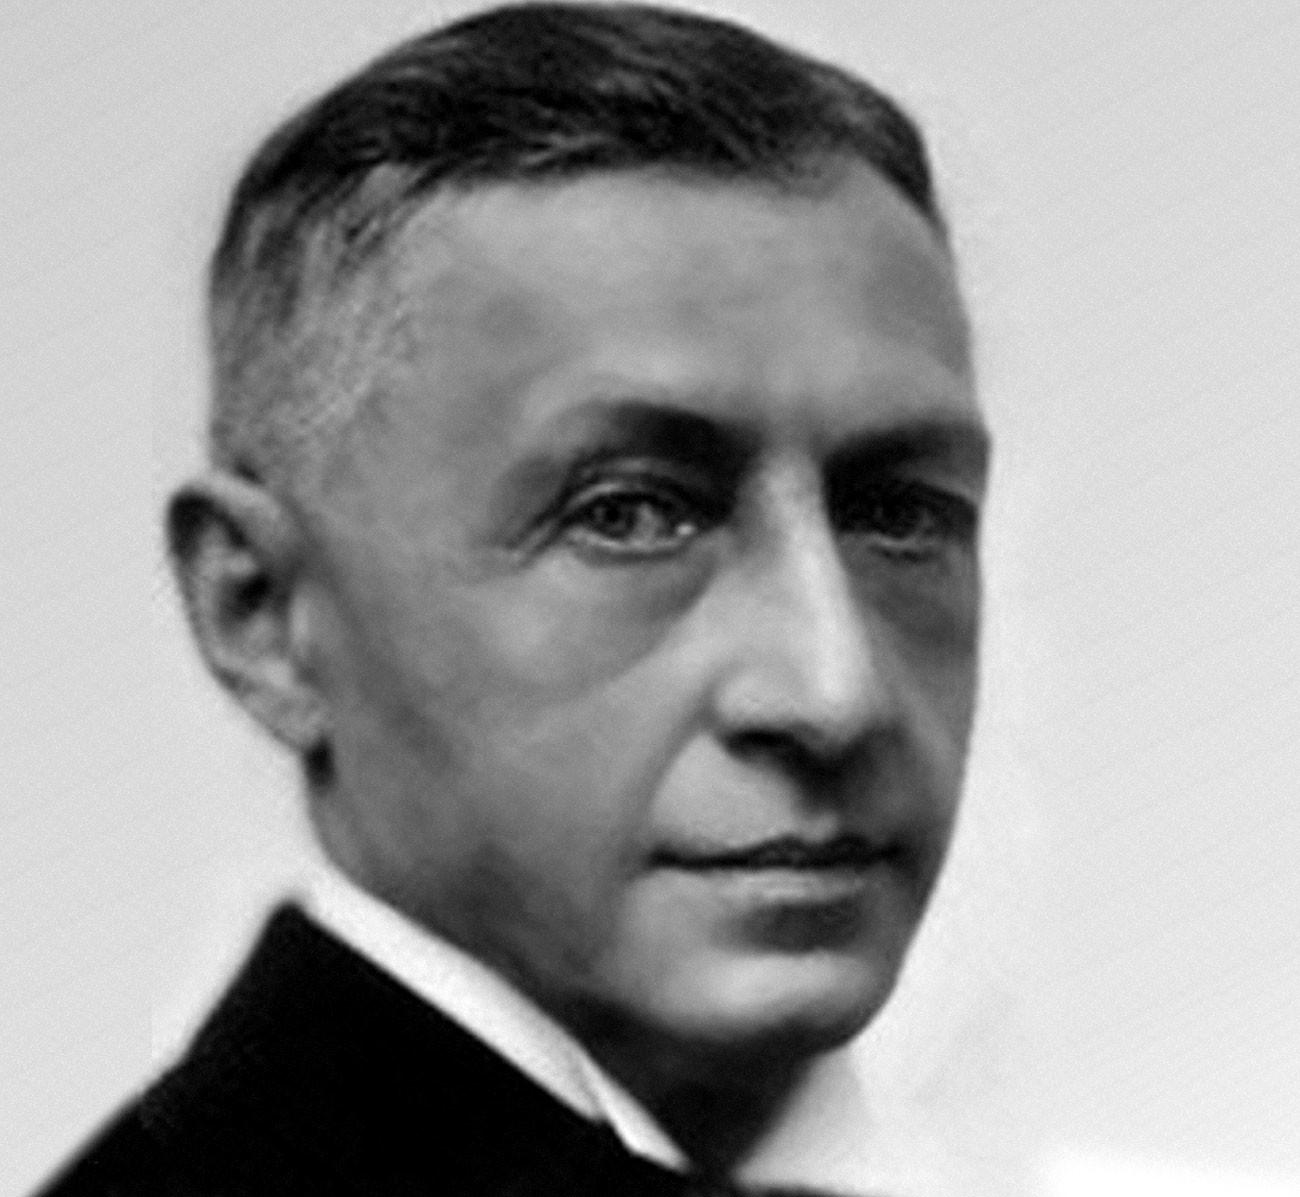 Ganhador do Nobel, Búnin era contrário ao bolchevismo e se exilou em Paris.